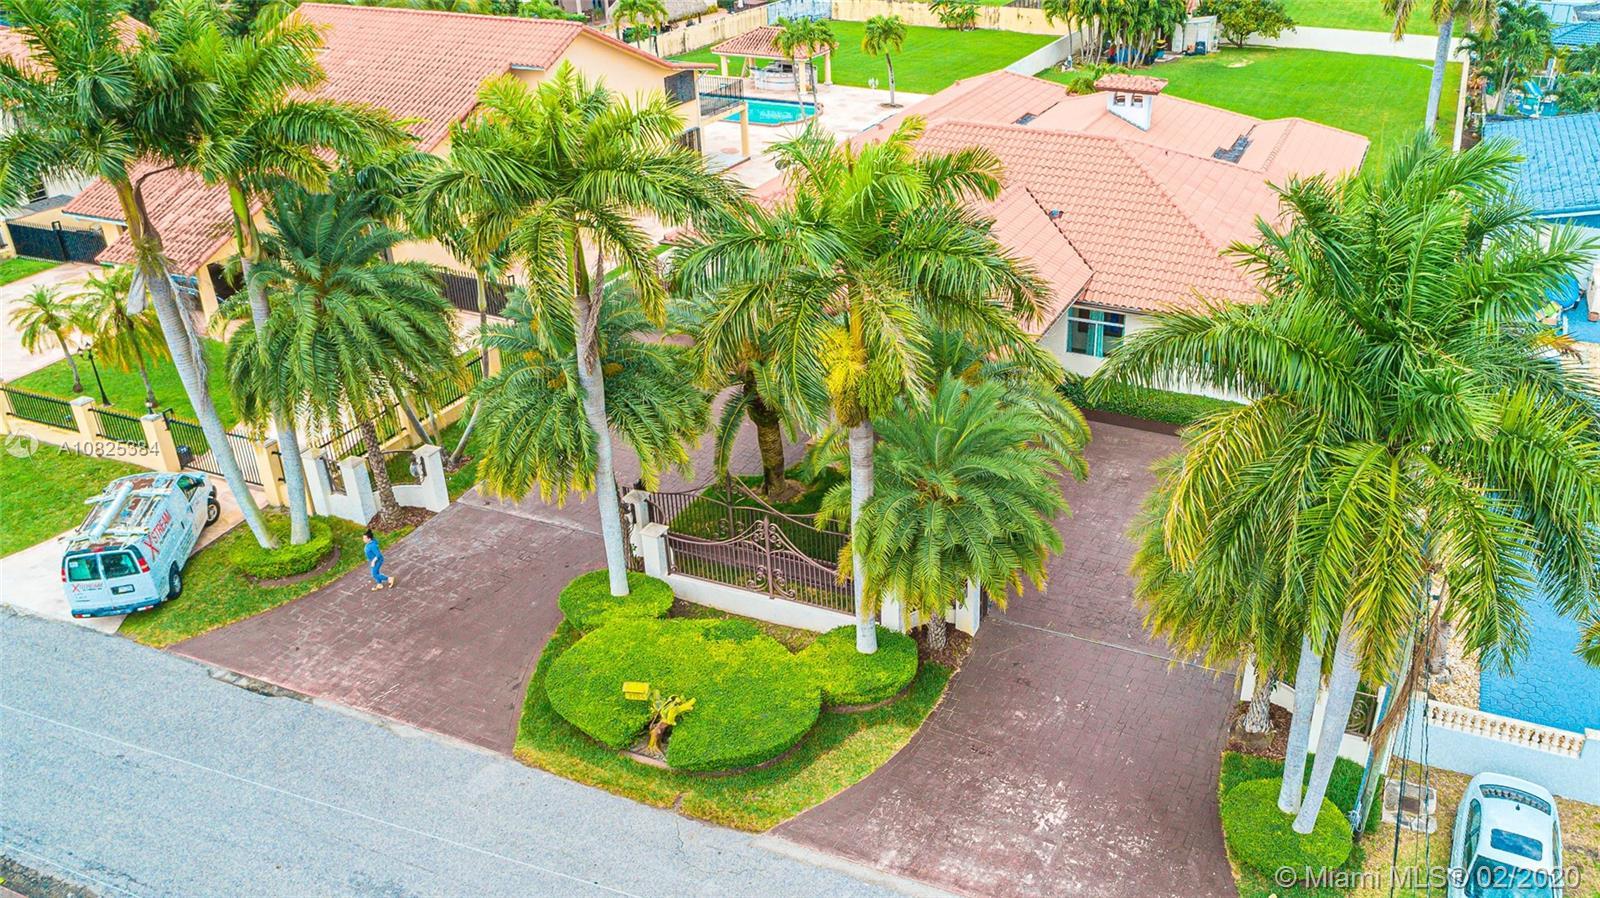 2704 SW 115th Ave, Miami FL 33165